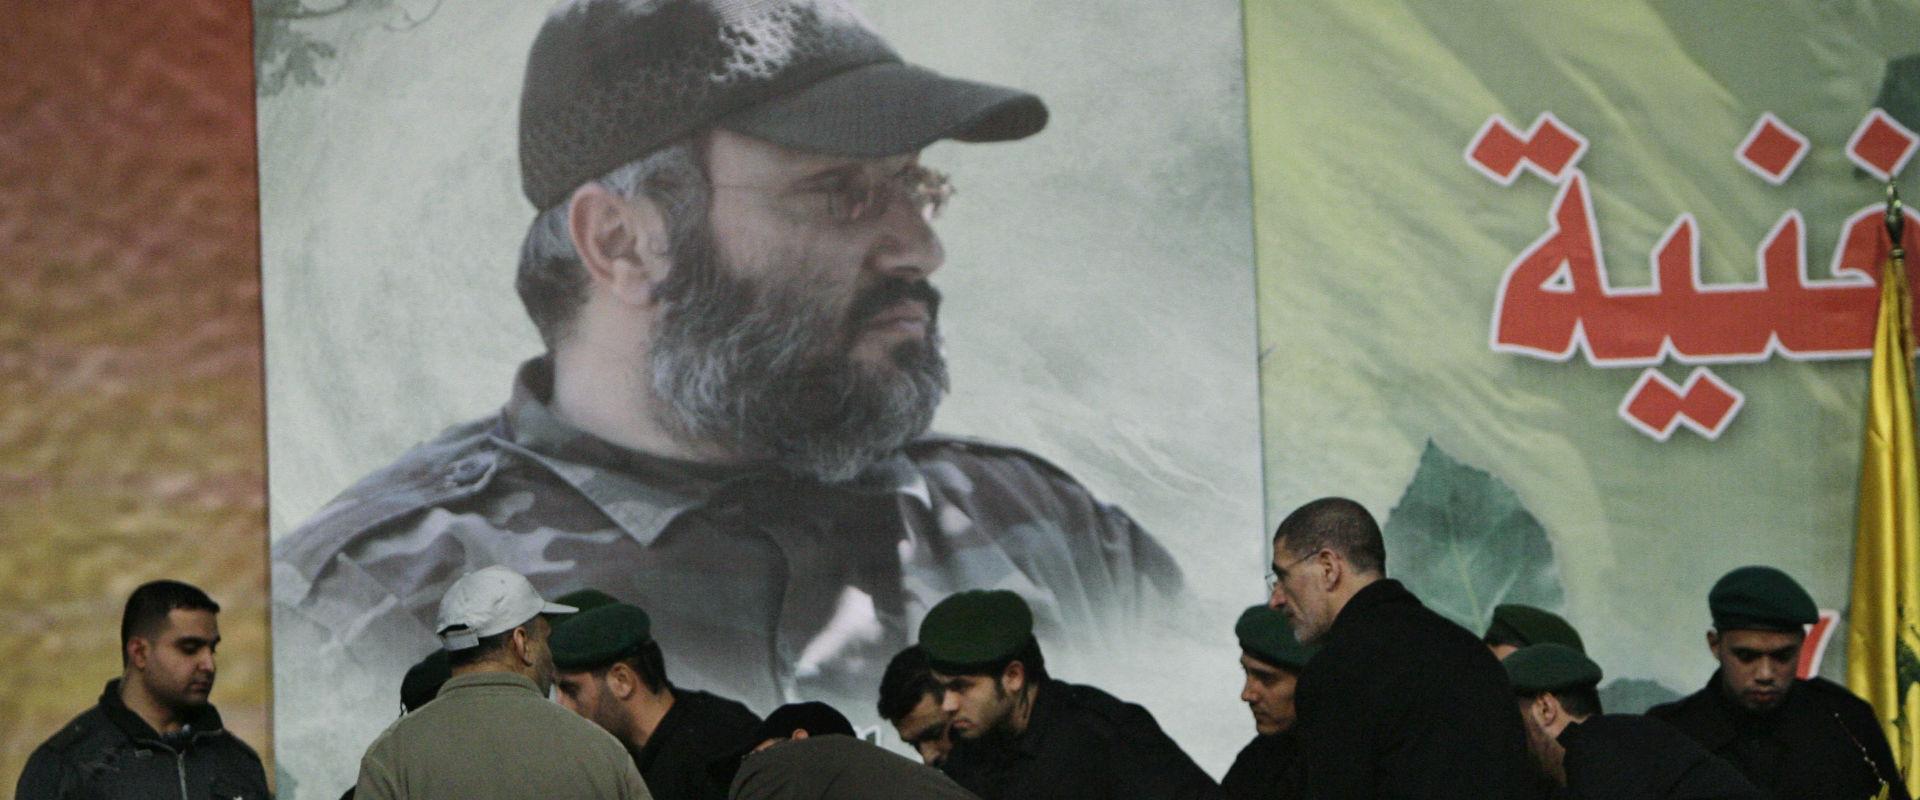 הלוויתו של עימאד מורנייה (צילום: אי-פי)